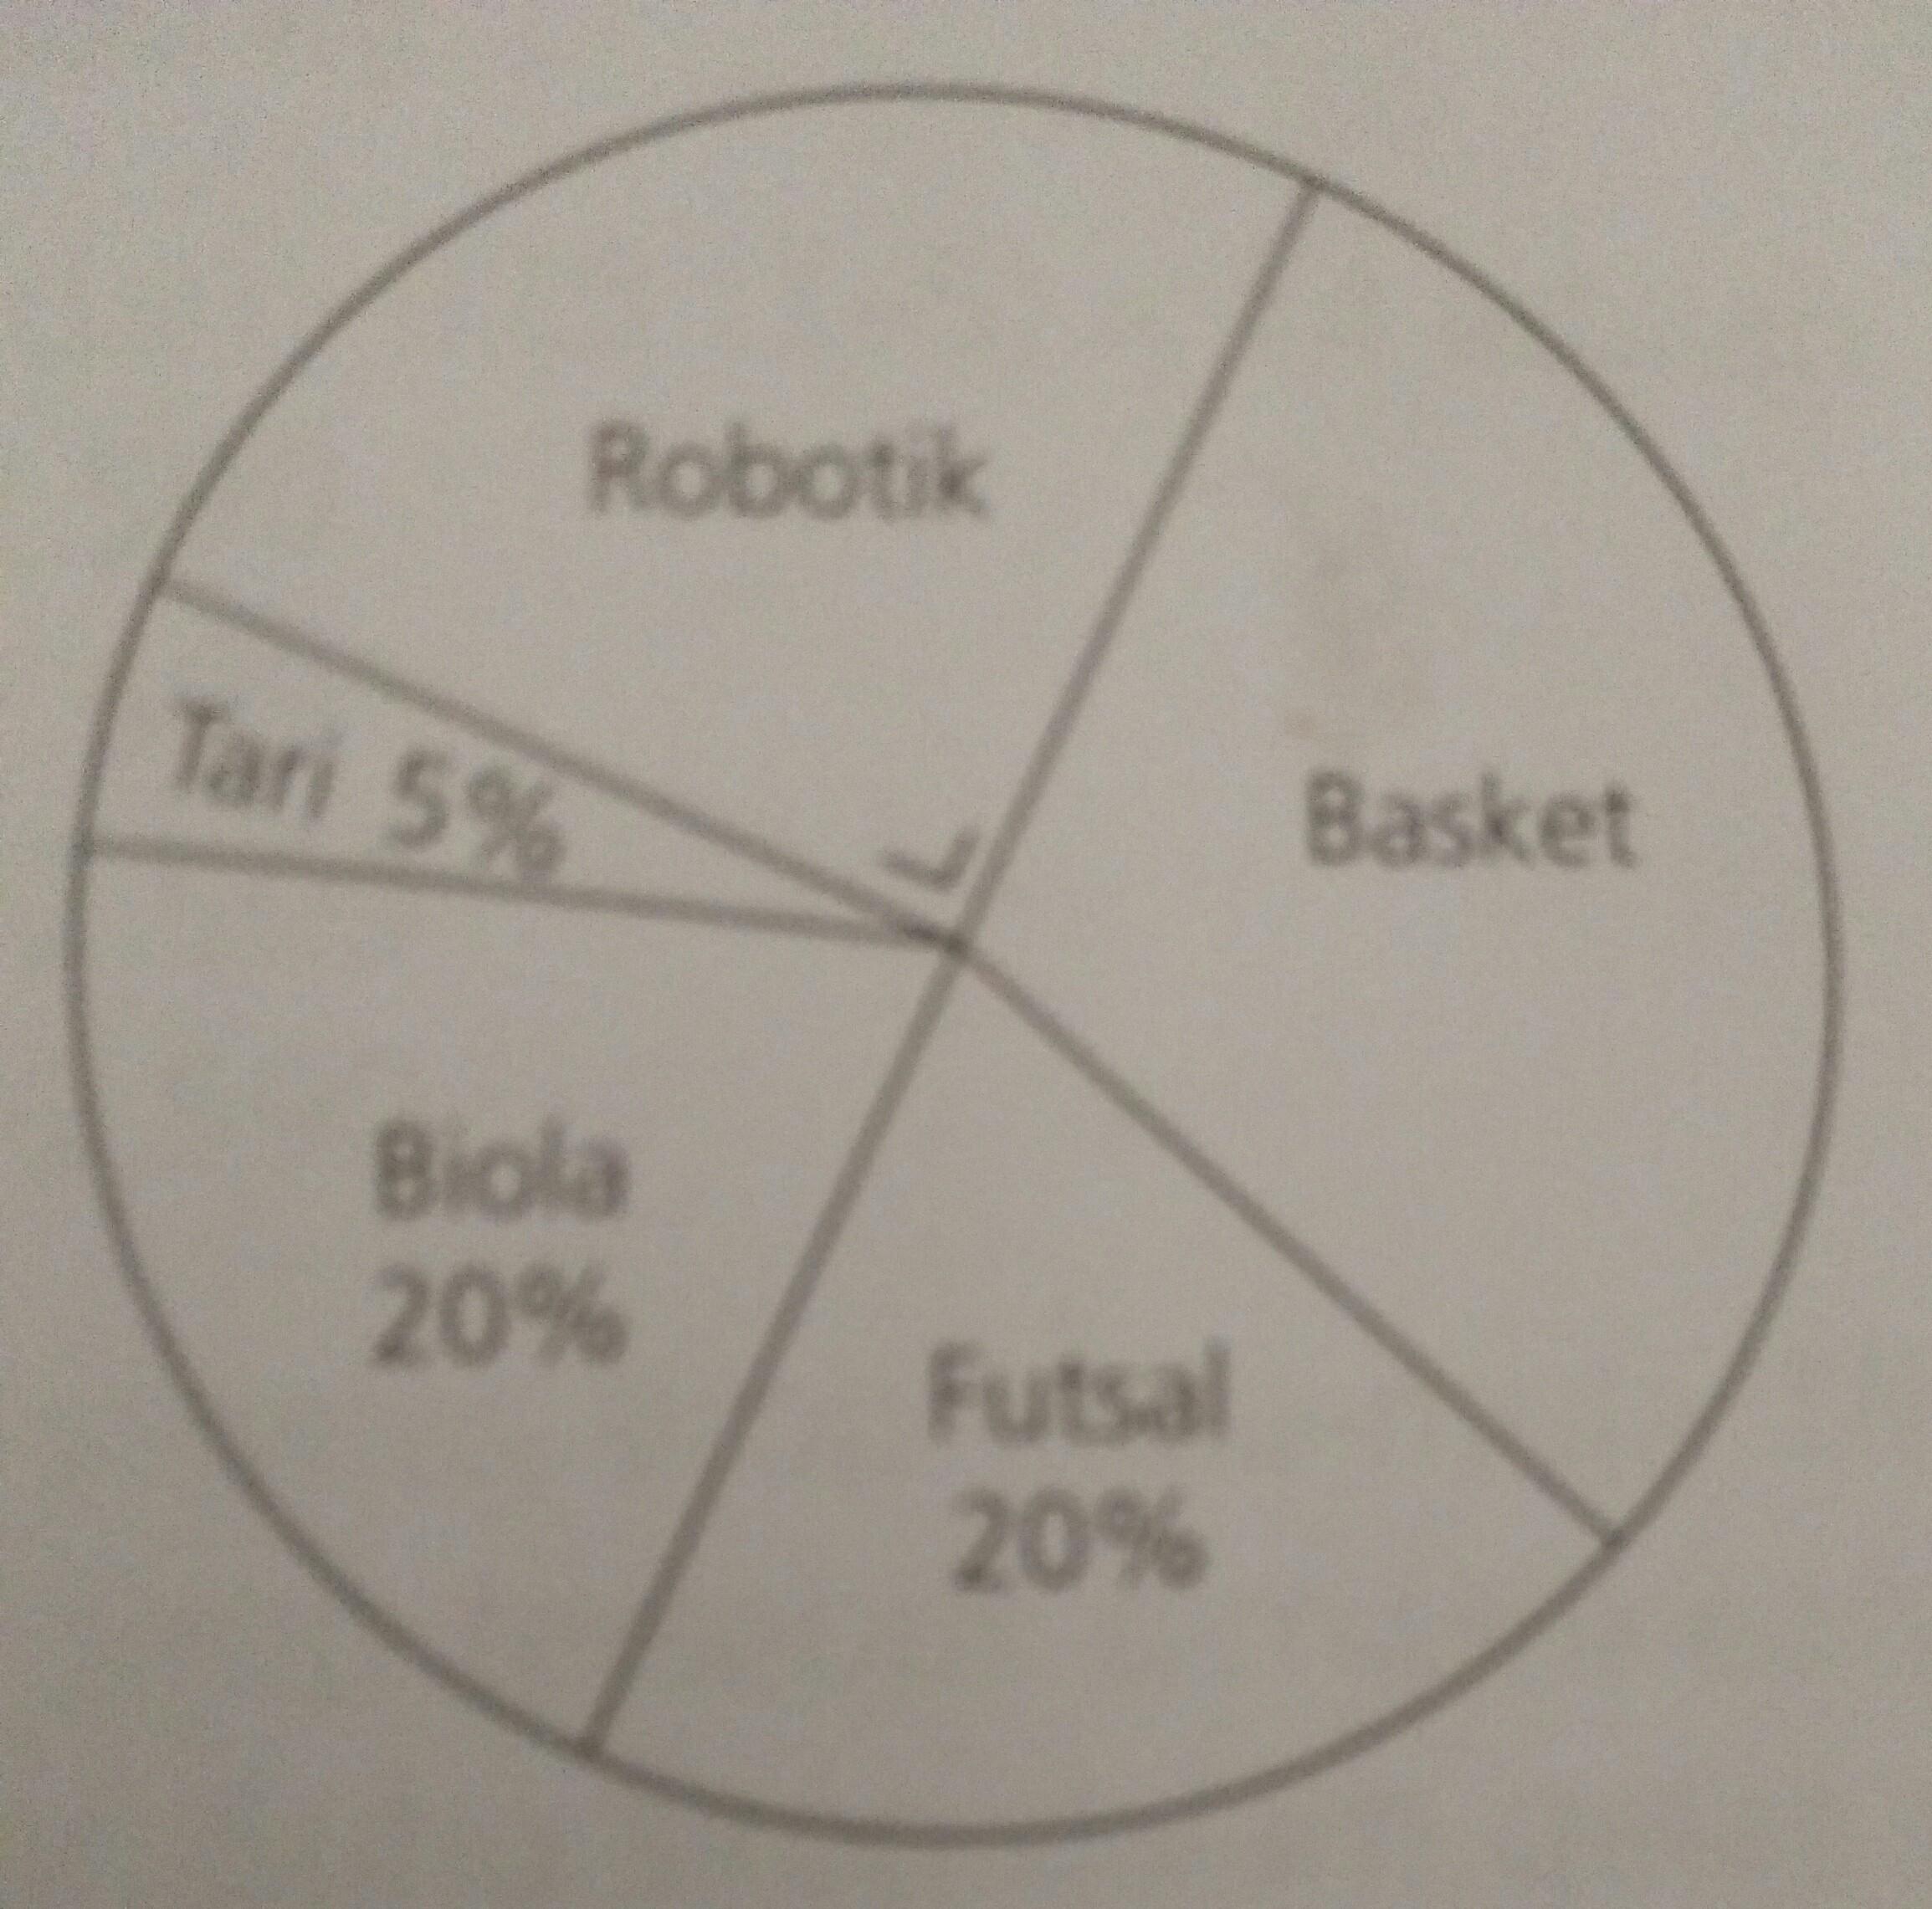 Diagram lingkaran berikut menyajikan data ekstrakurikuler yang diagram lingkaran berikut menyajikan data ekstrakurikuler yang diikuti siswa sd merah putih jika jumlah seluruh siswa 200 orang banyak siswa yang ccuart Images